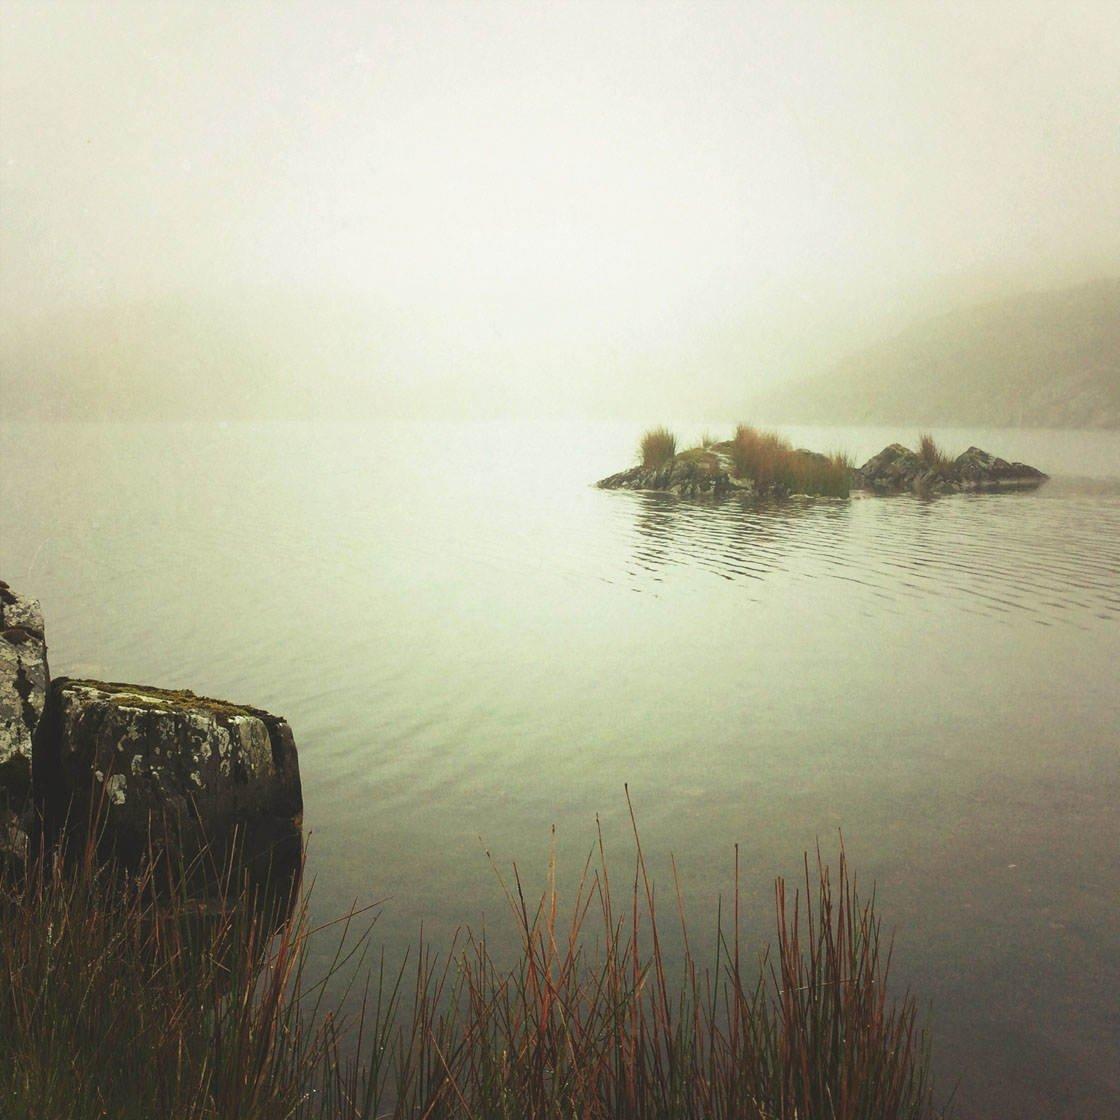 Fog & Mist iPhone Photos 35